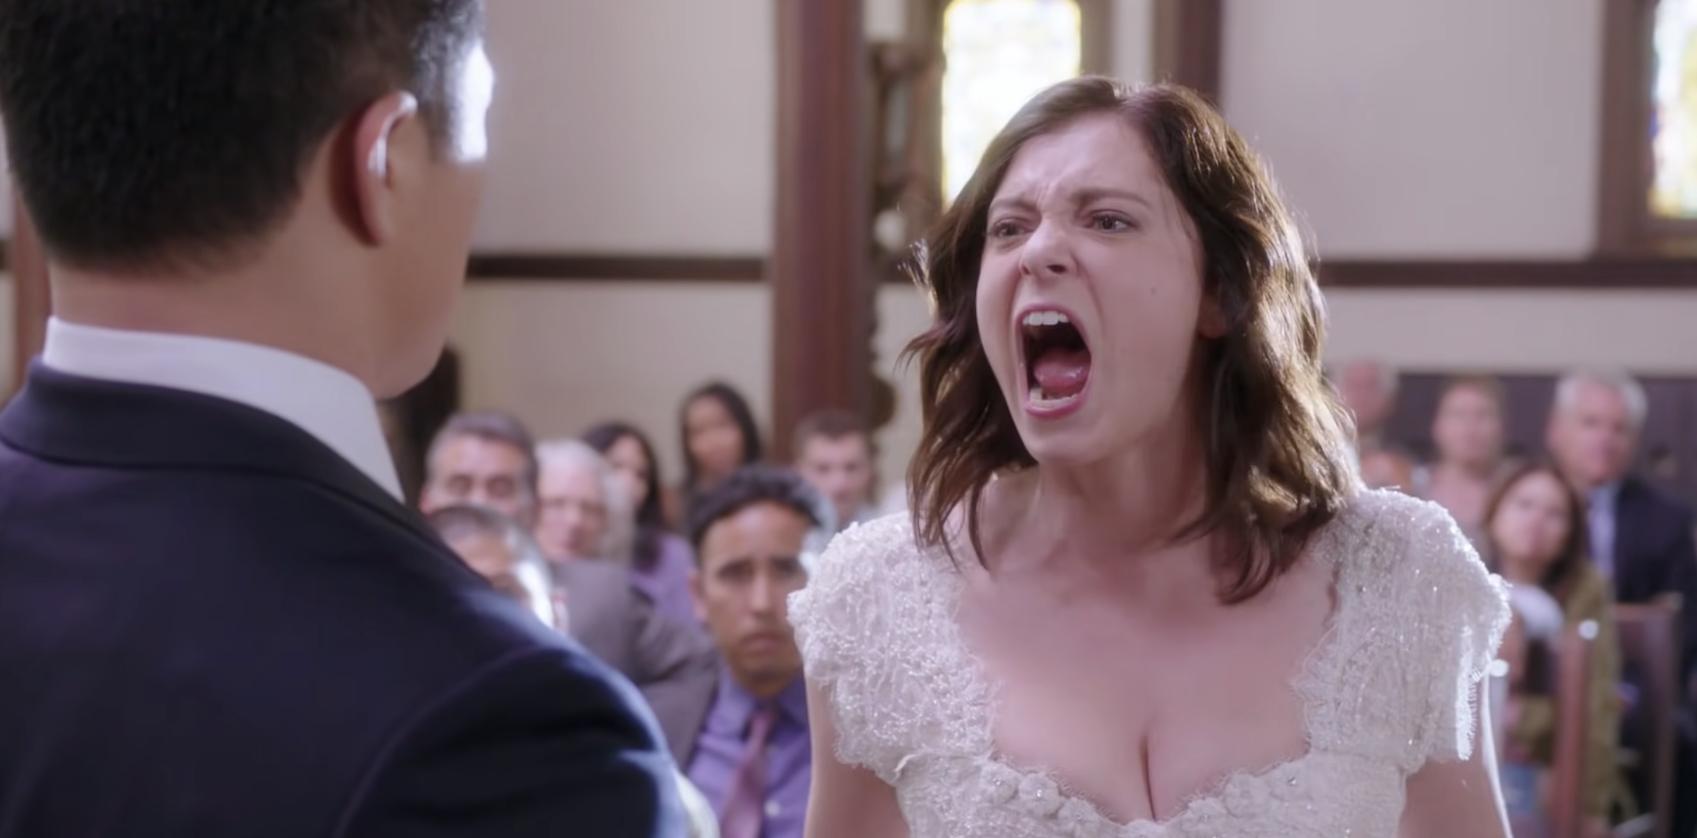 Rachel Bloom as an angry, screaming bride